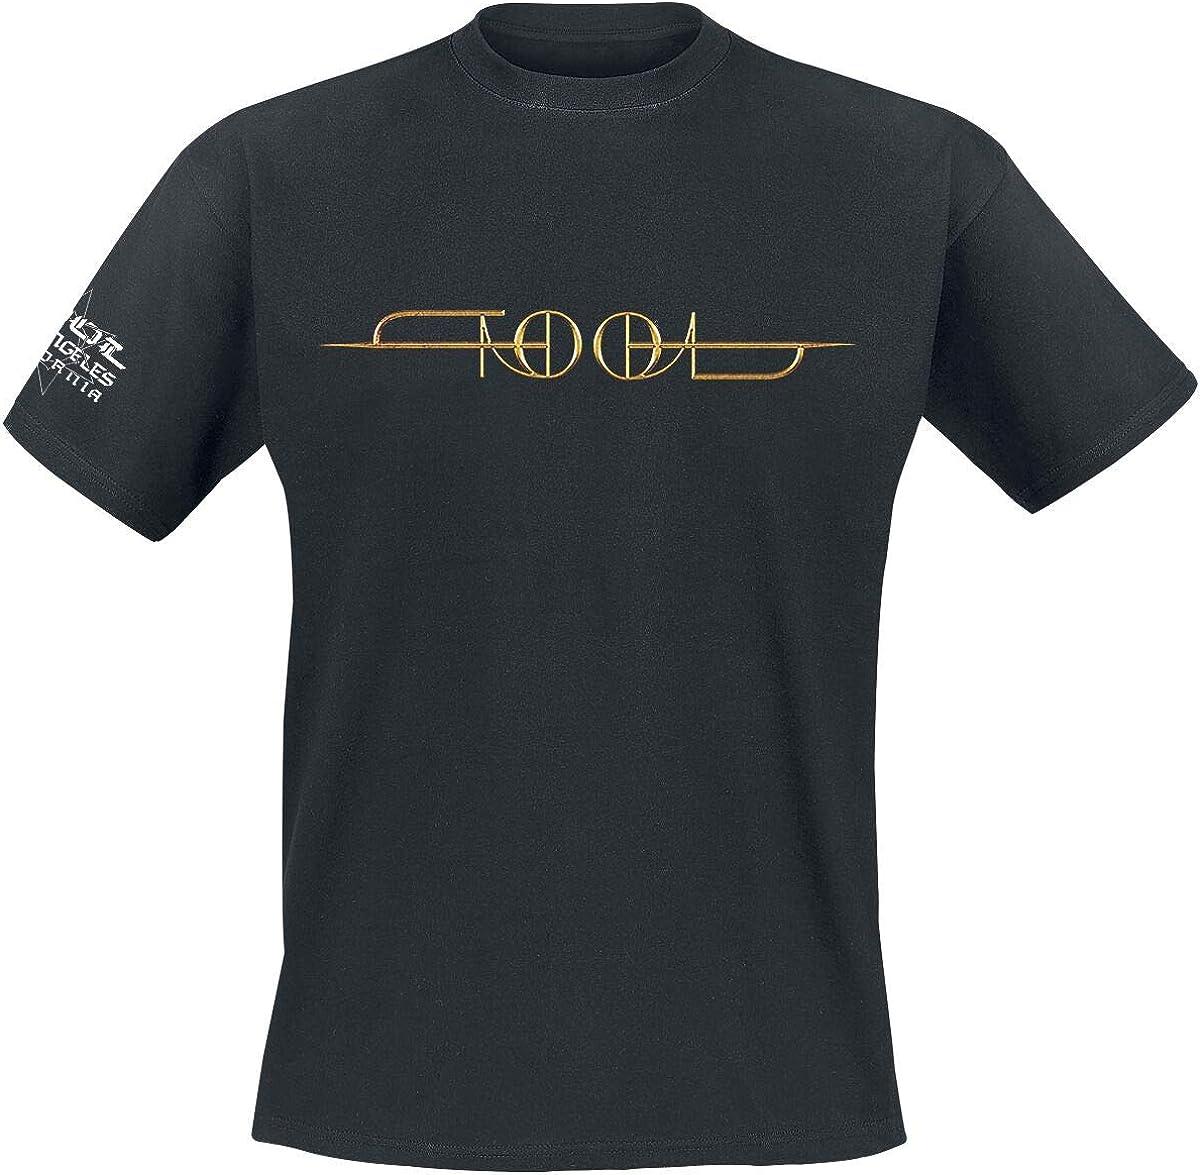 Bands Tool Gold ISO M/änner T-Shirt schwarz Band-Merch